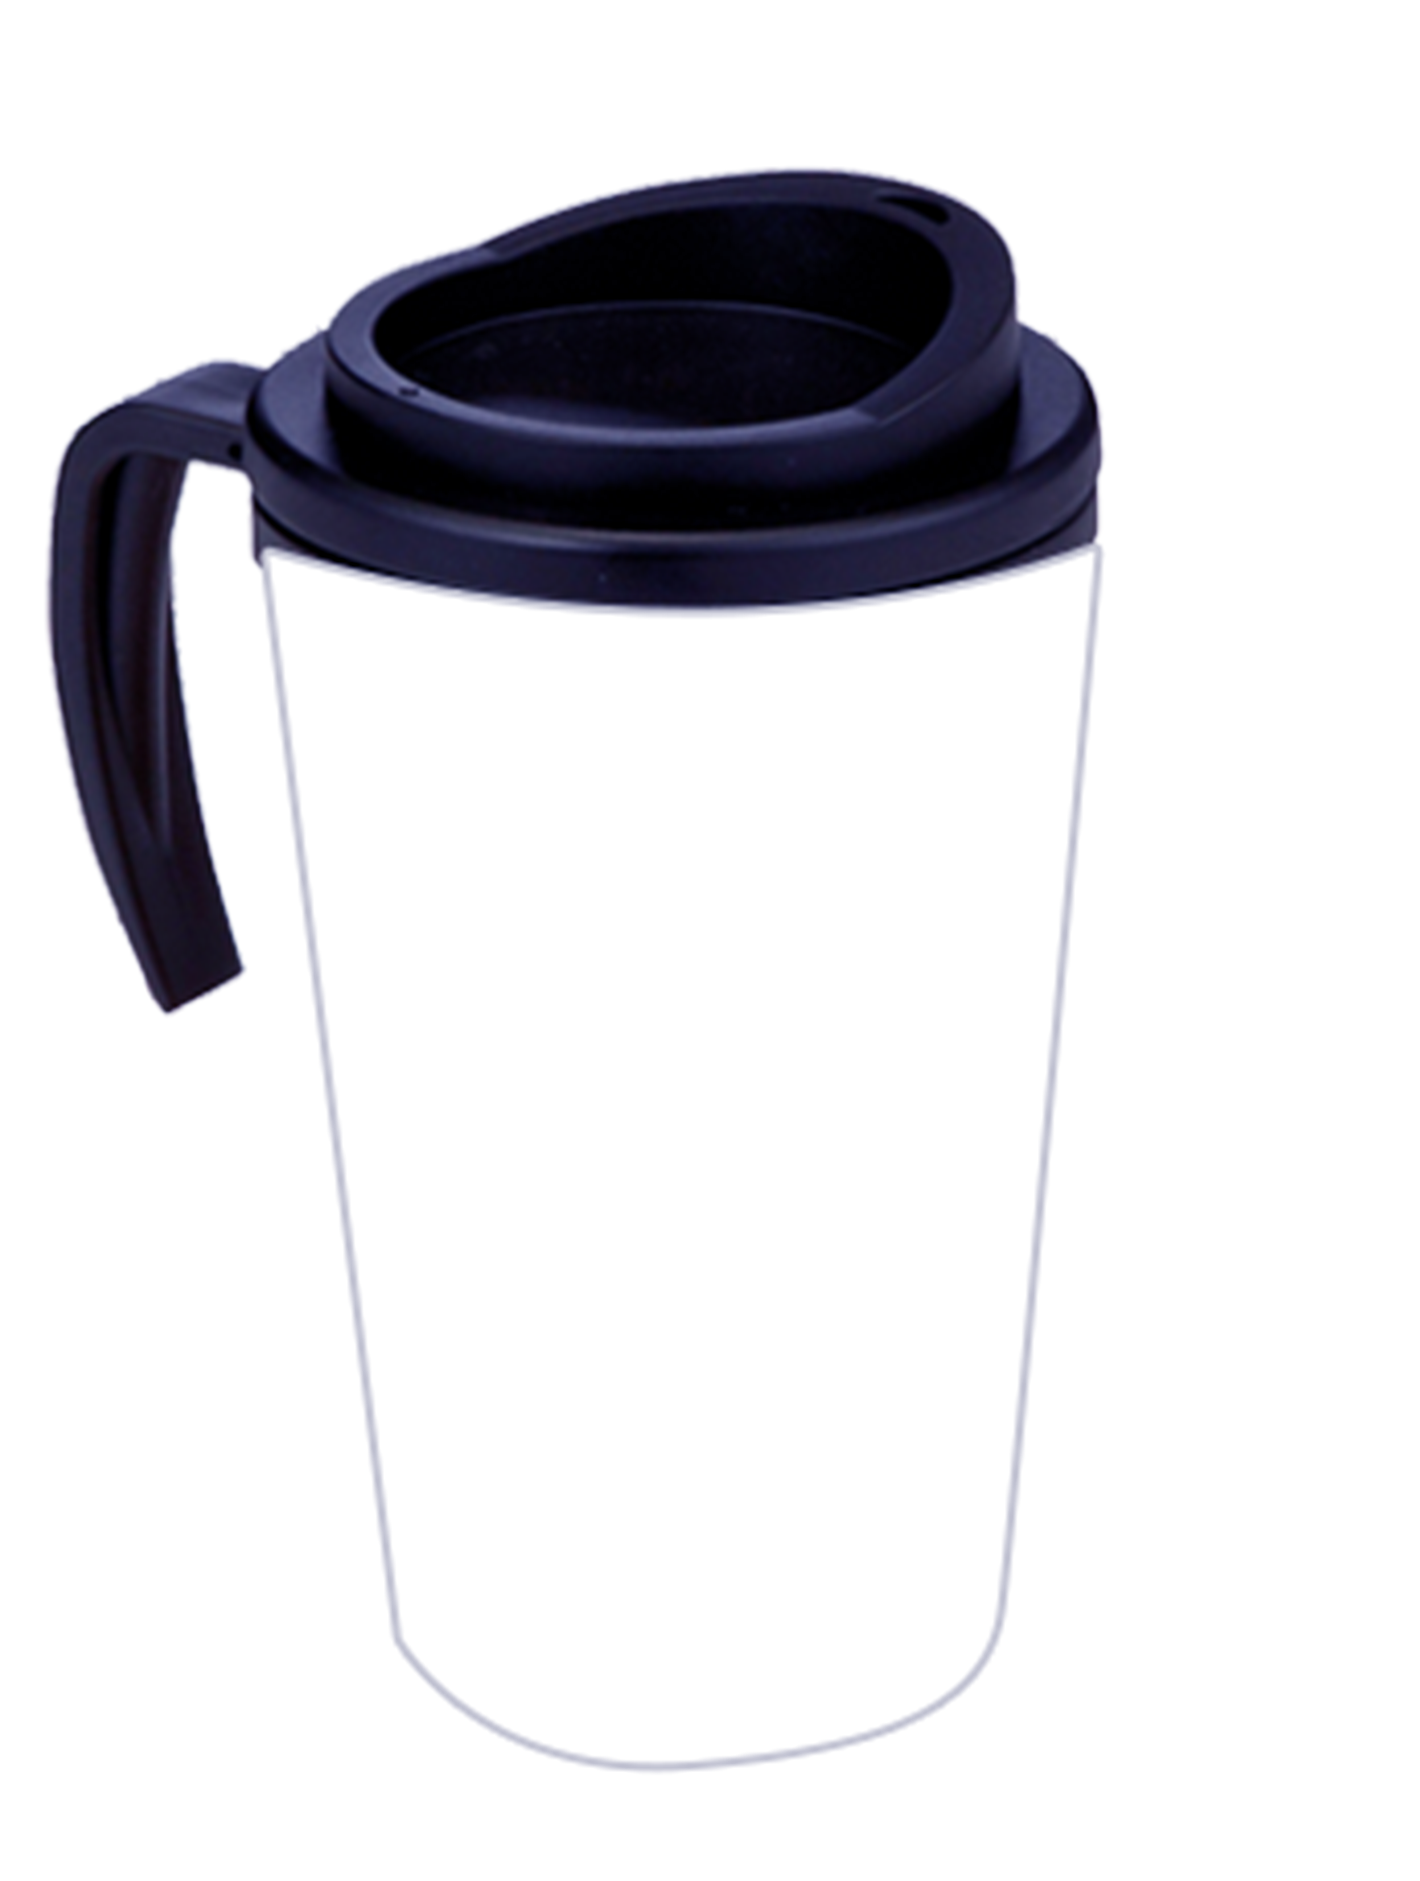 Printed Custom Takeaway Coffee Cups Australia | Printed